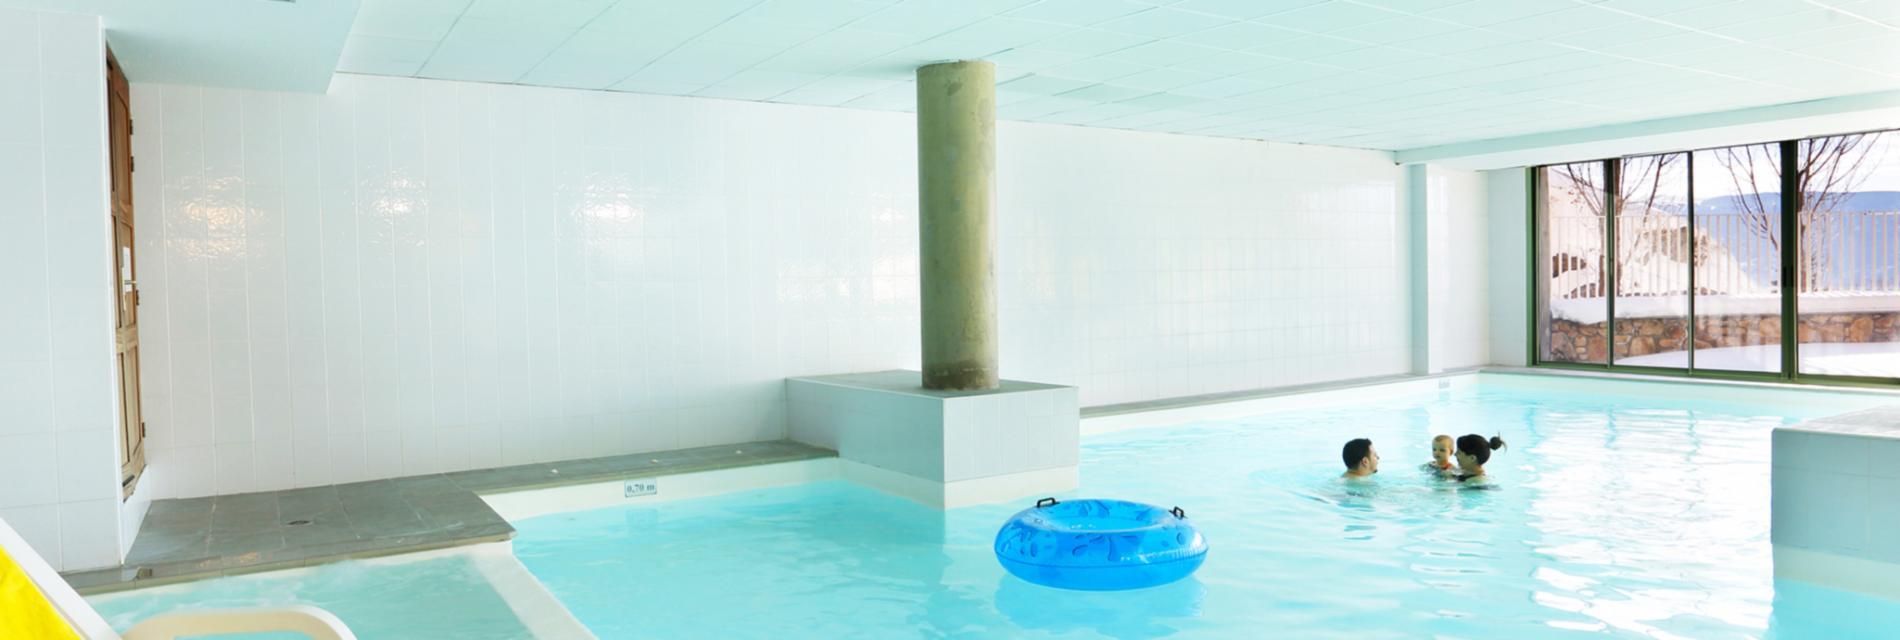 Slide La piscine dans la Résidence Les Chalets du Belvédère à Font Romeu